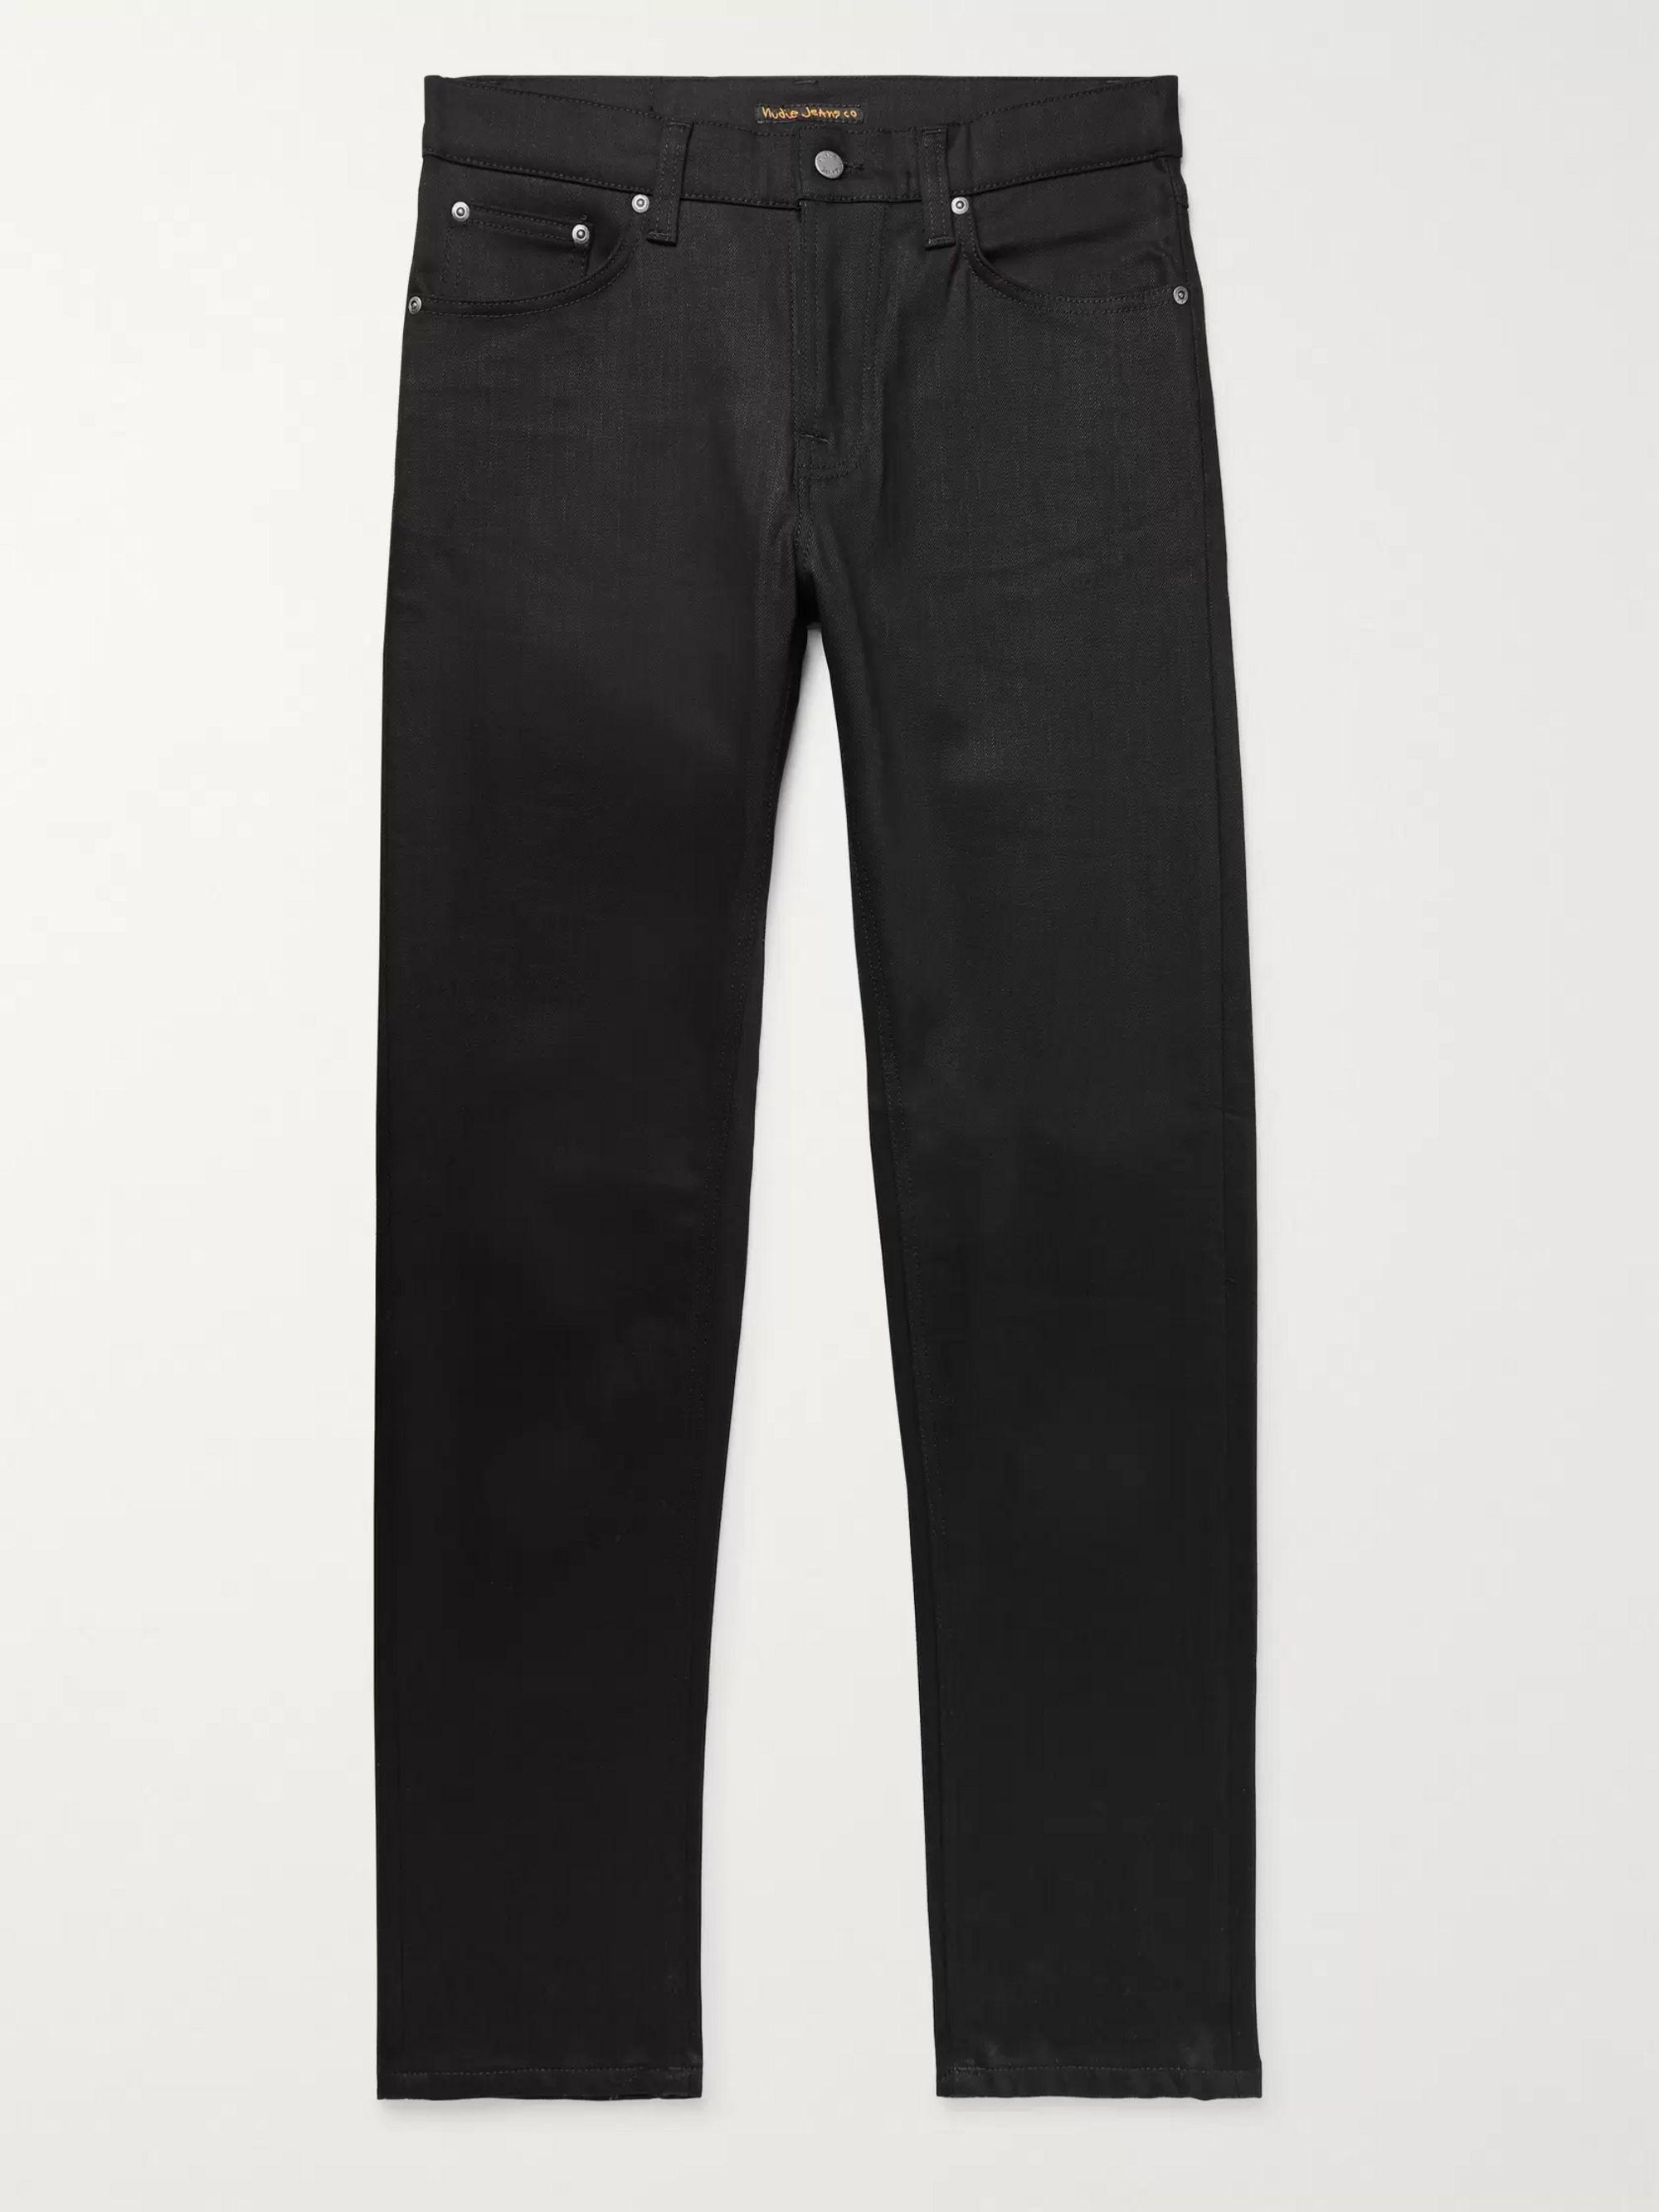 Nudie Jeans Black Steady Eddie II Slim-Fit Tapered Organic Stretch-Denim Jeans,Black